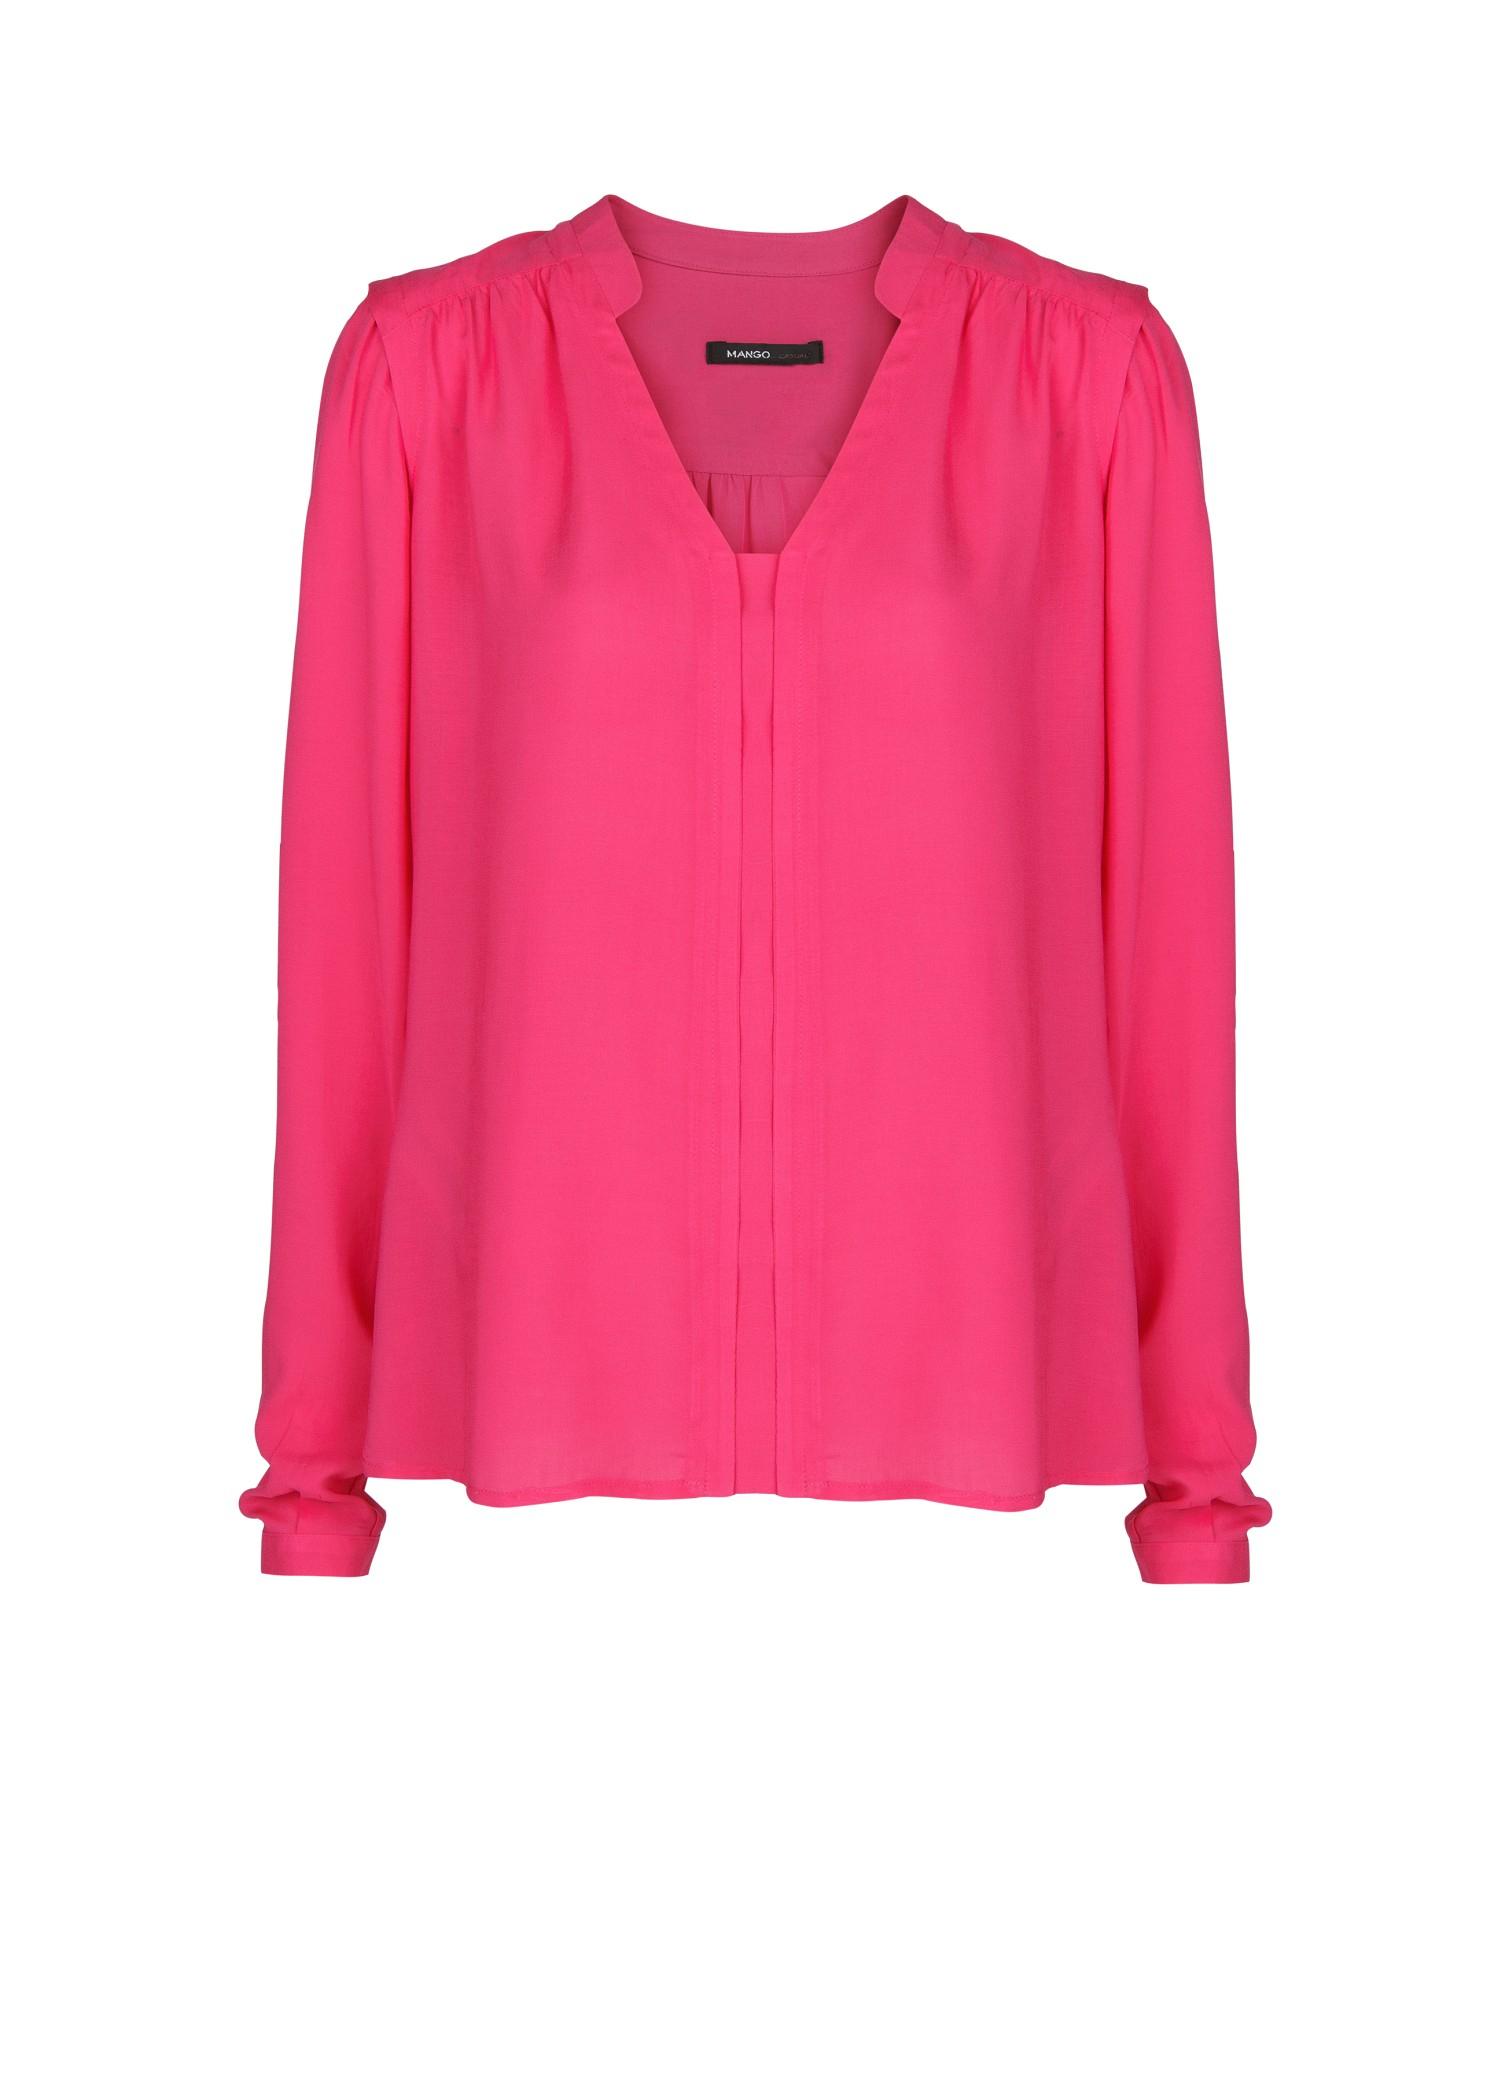 Mango Flowy Shirt in Pink | Lyst